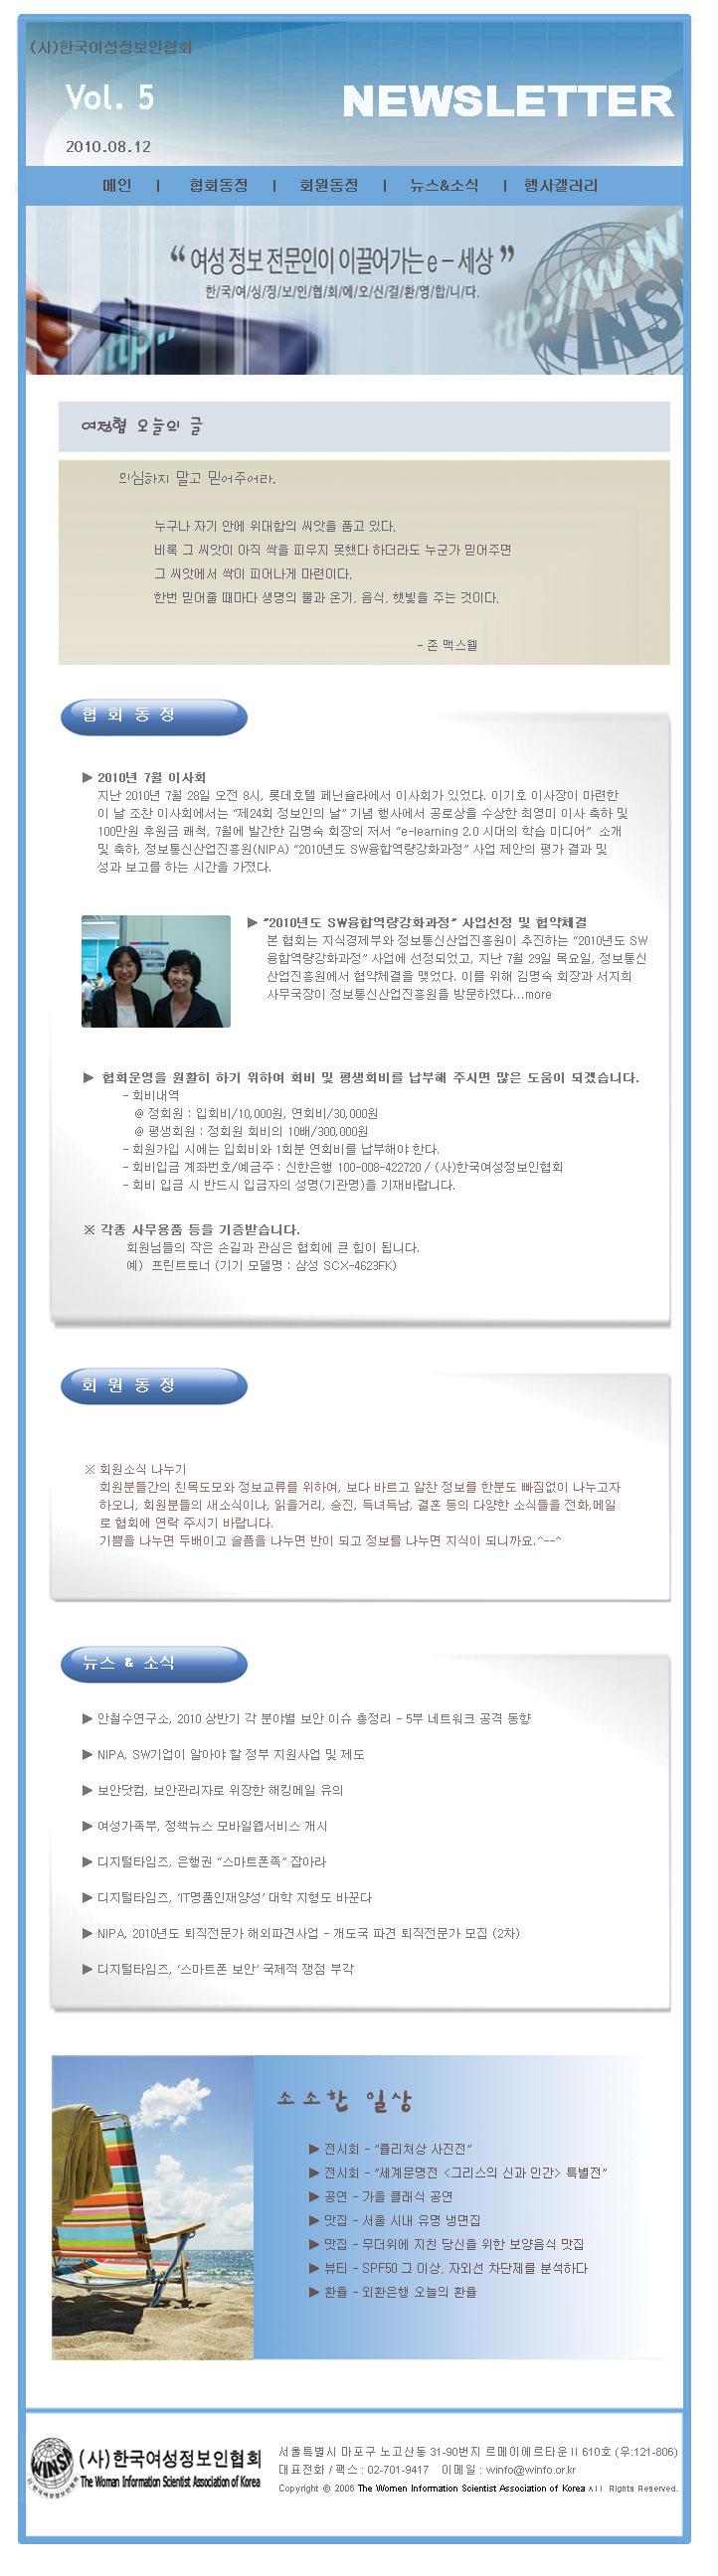 newsletter20100812-img.jpg